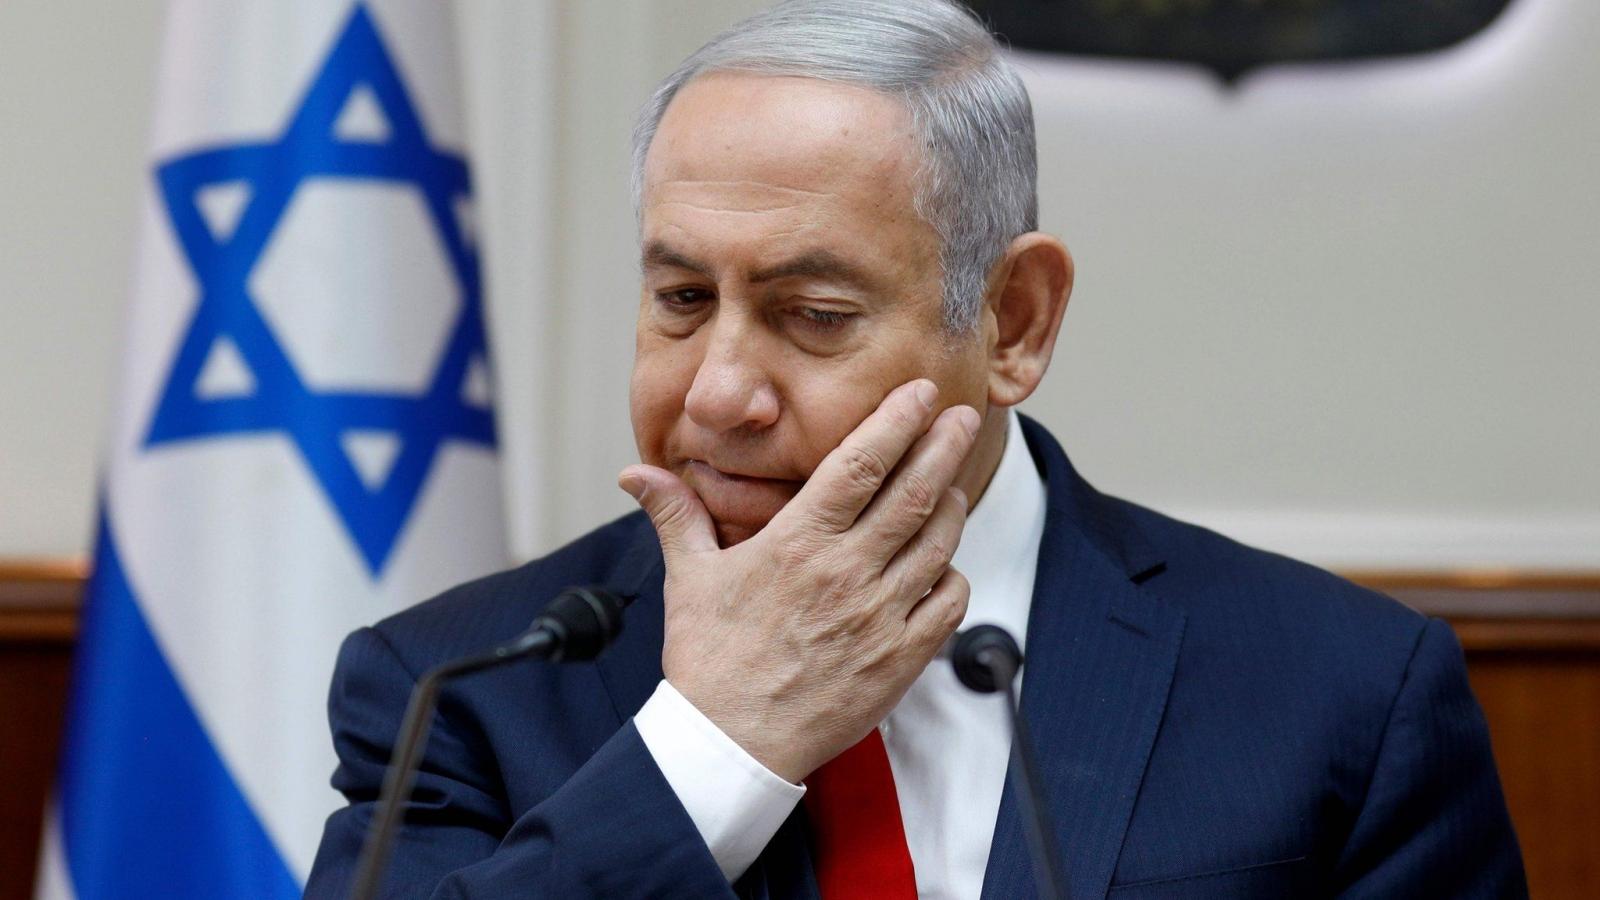 """Thủ tướng Israel Netanyahu bị cáo buộc sử dụng quyền lực """"bất hợp pháp"""""""